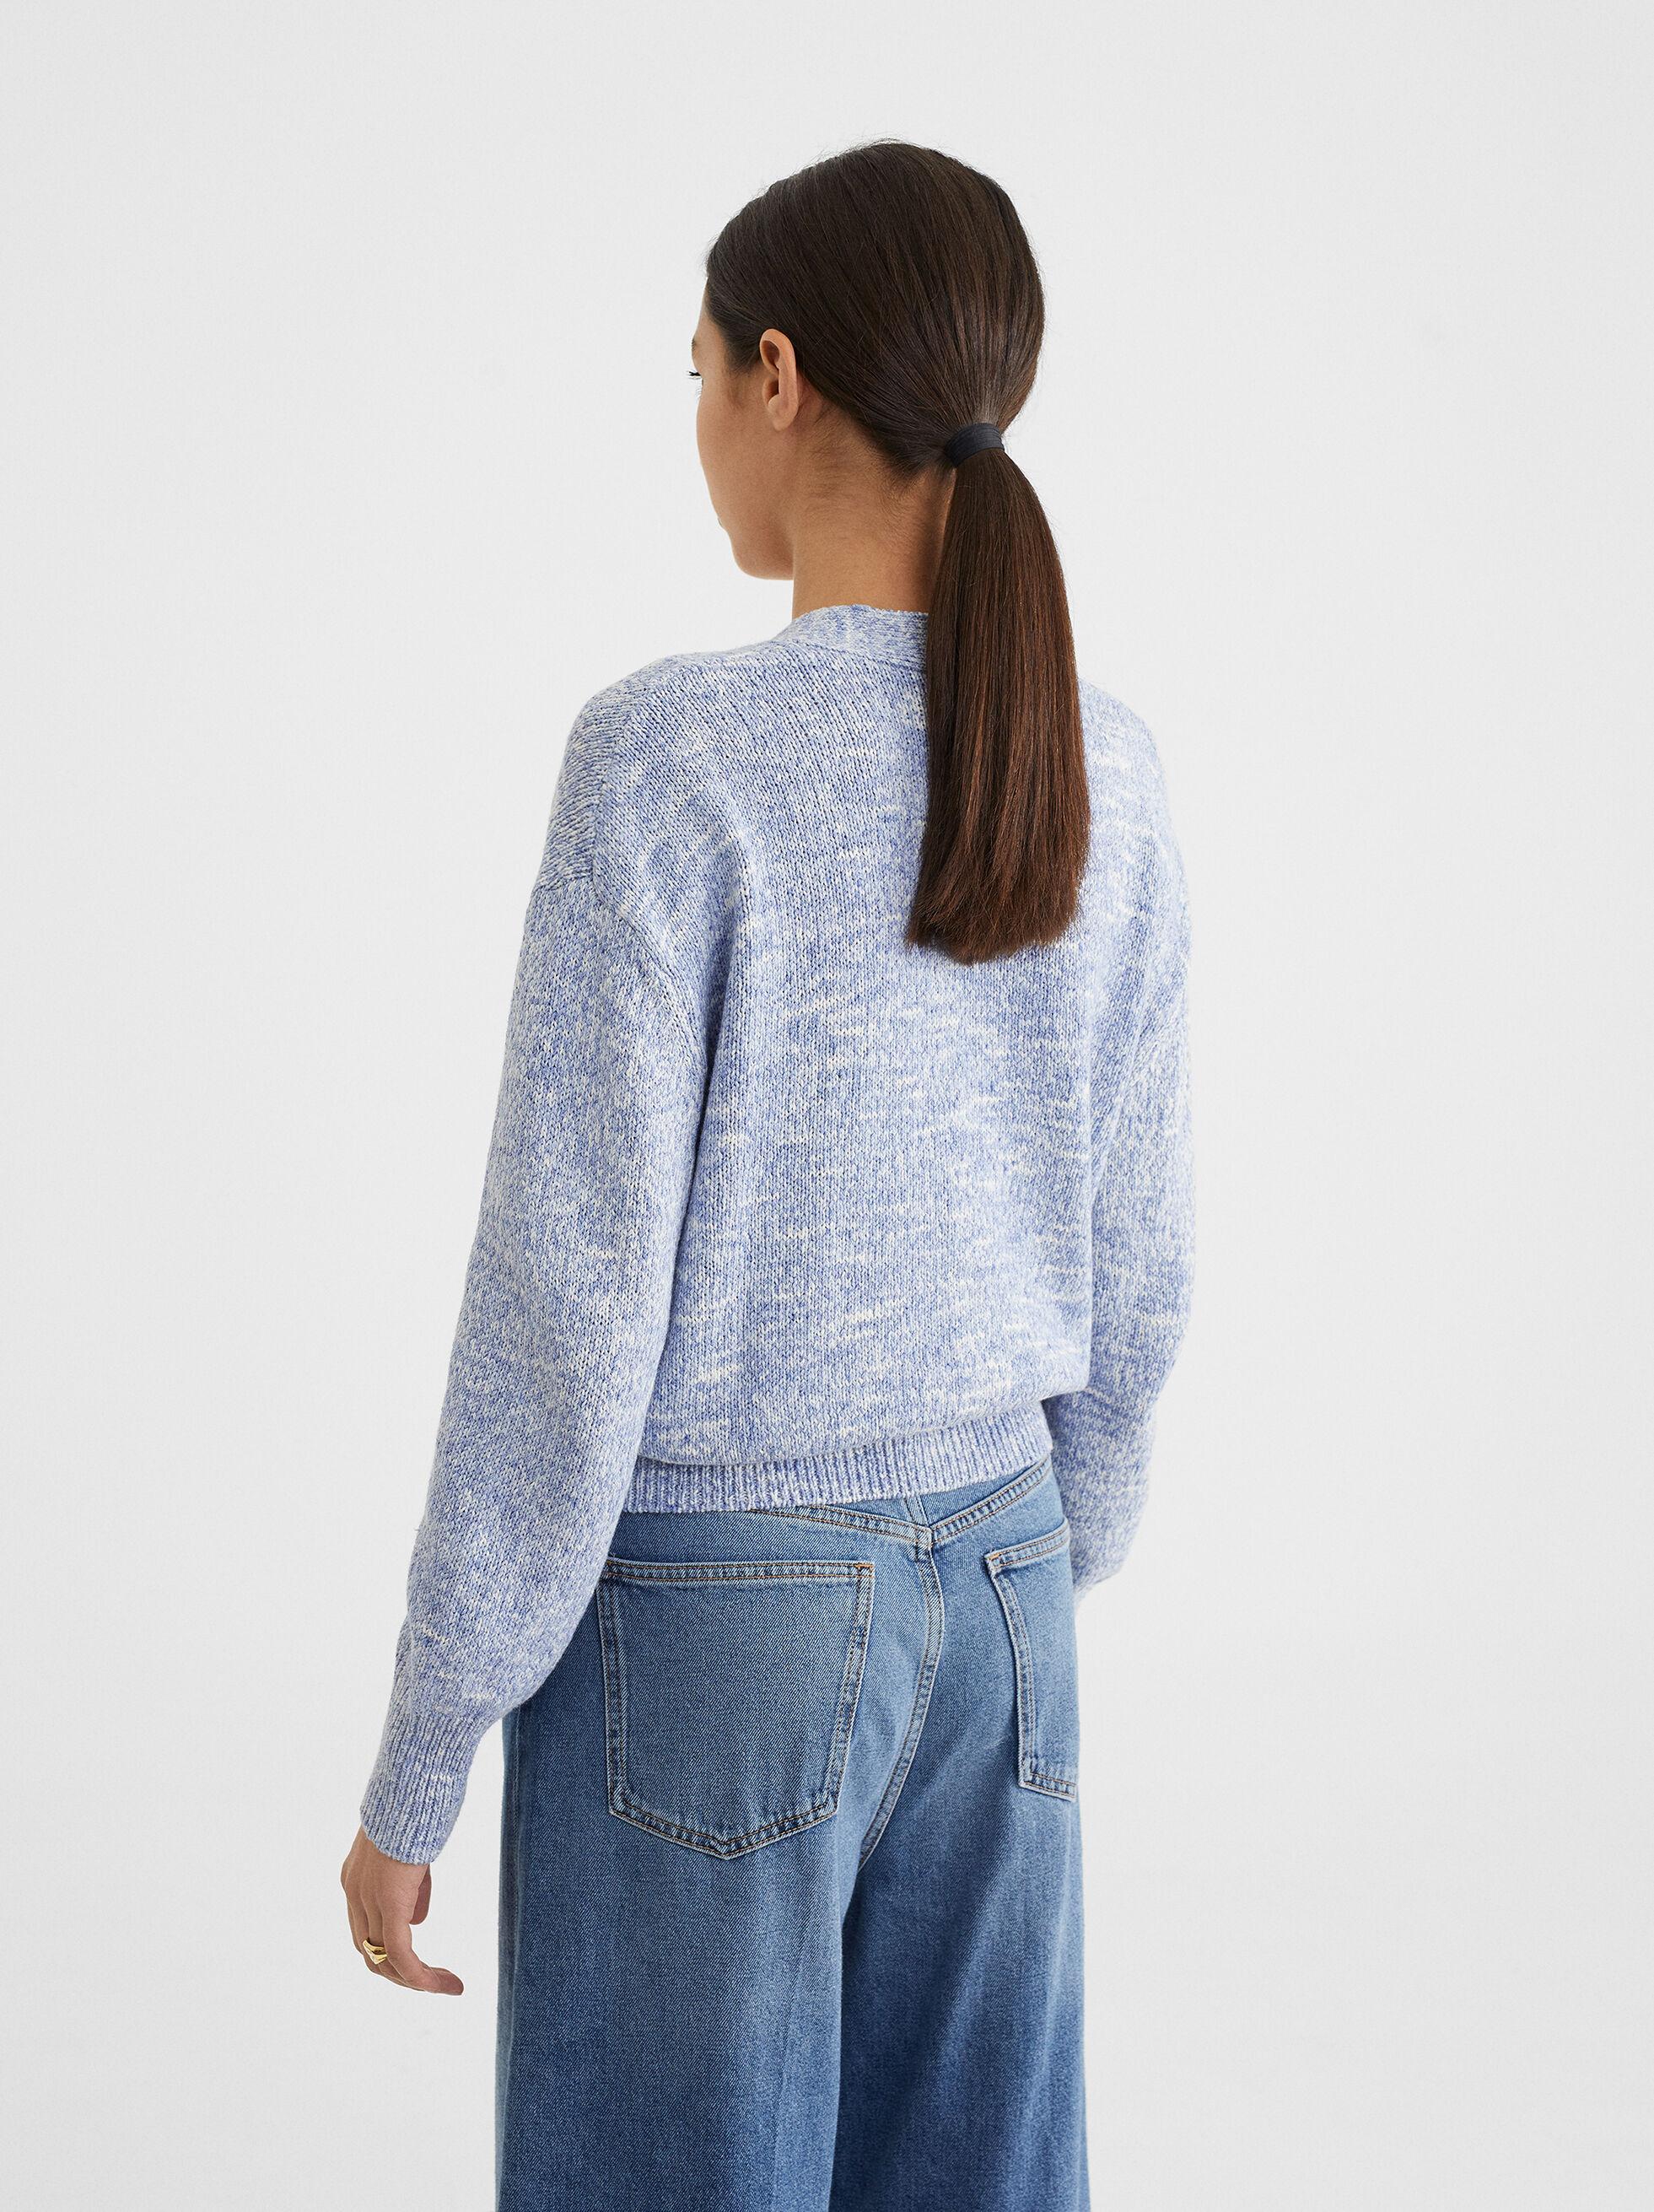 Mottled Knit Cardigan, Blue, hi-res